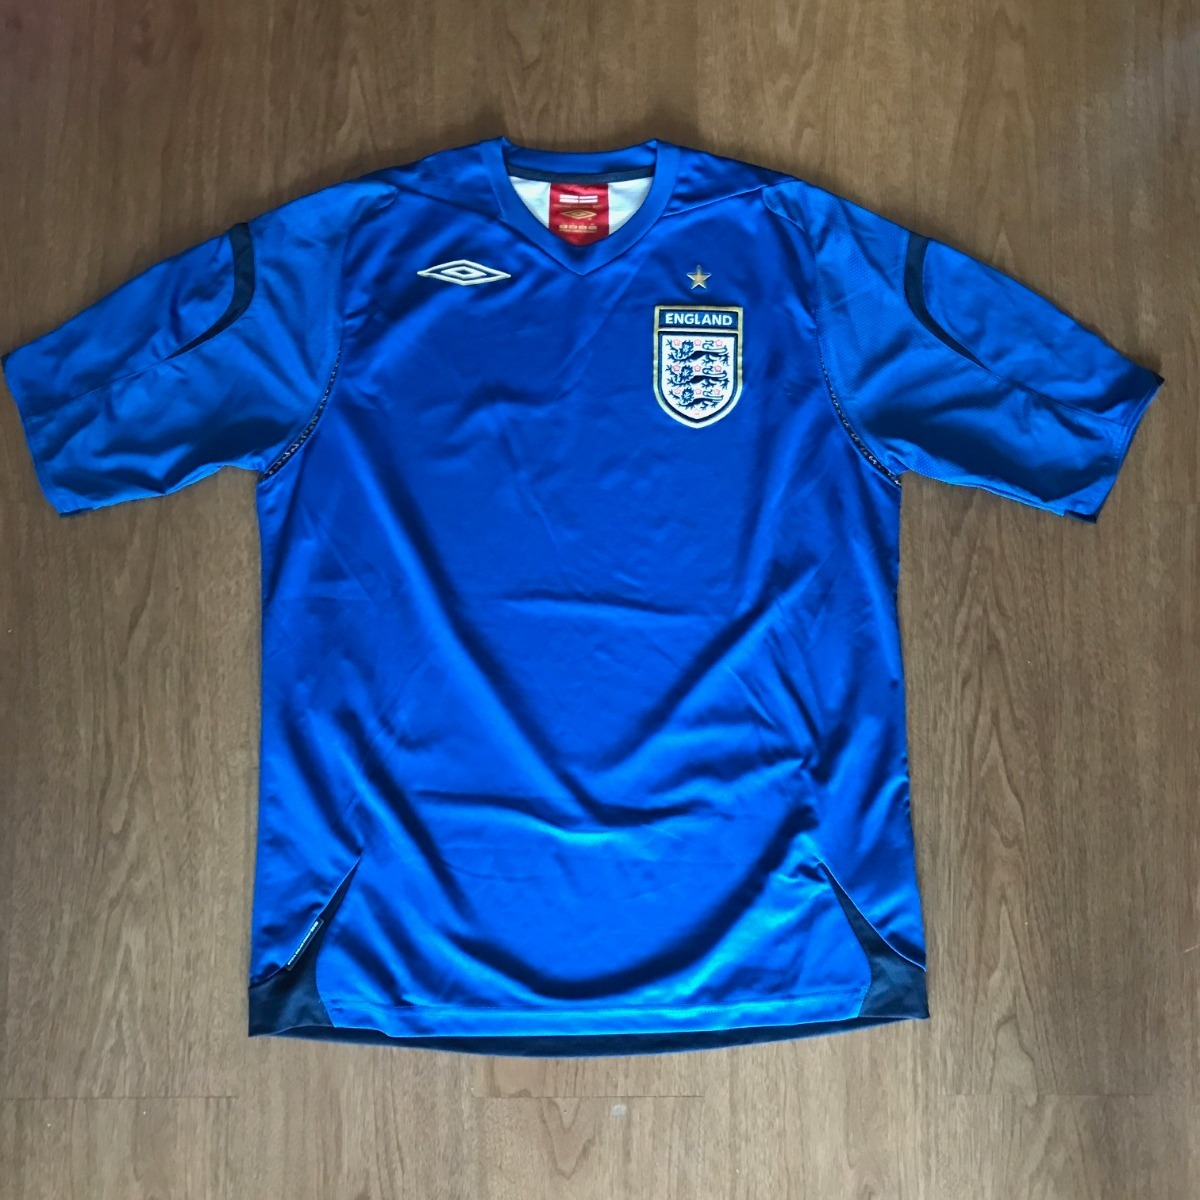 camisa inglaterra umbro goleiro temporadas 2006-2008 show. Carregando zoom. d19338bf5e955